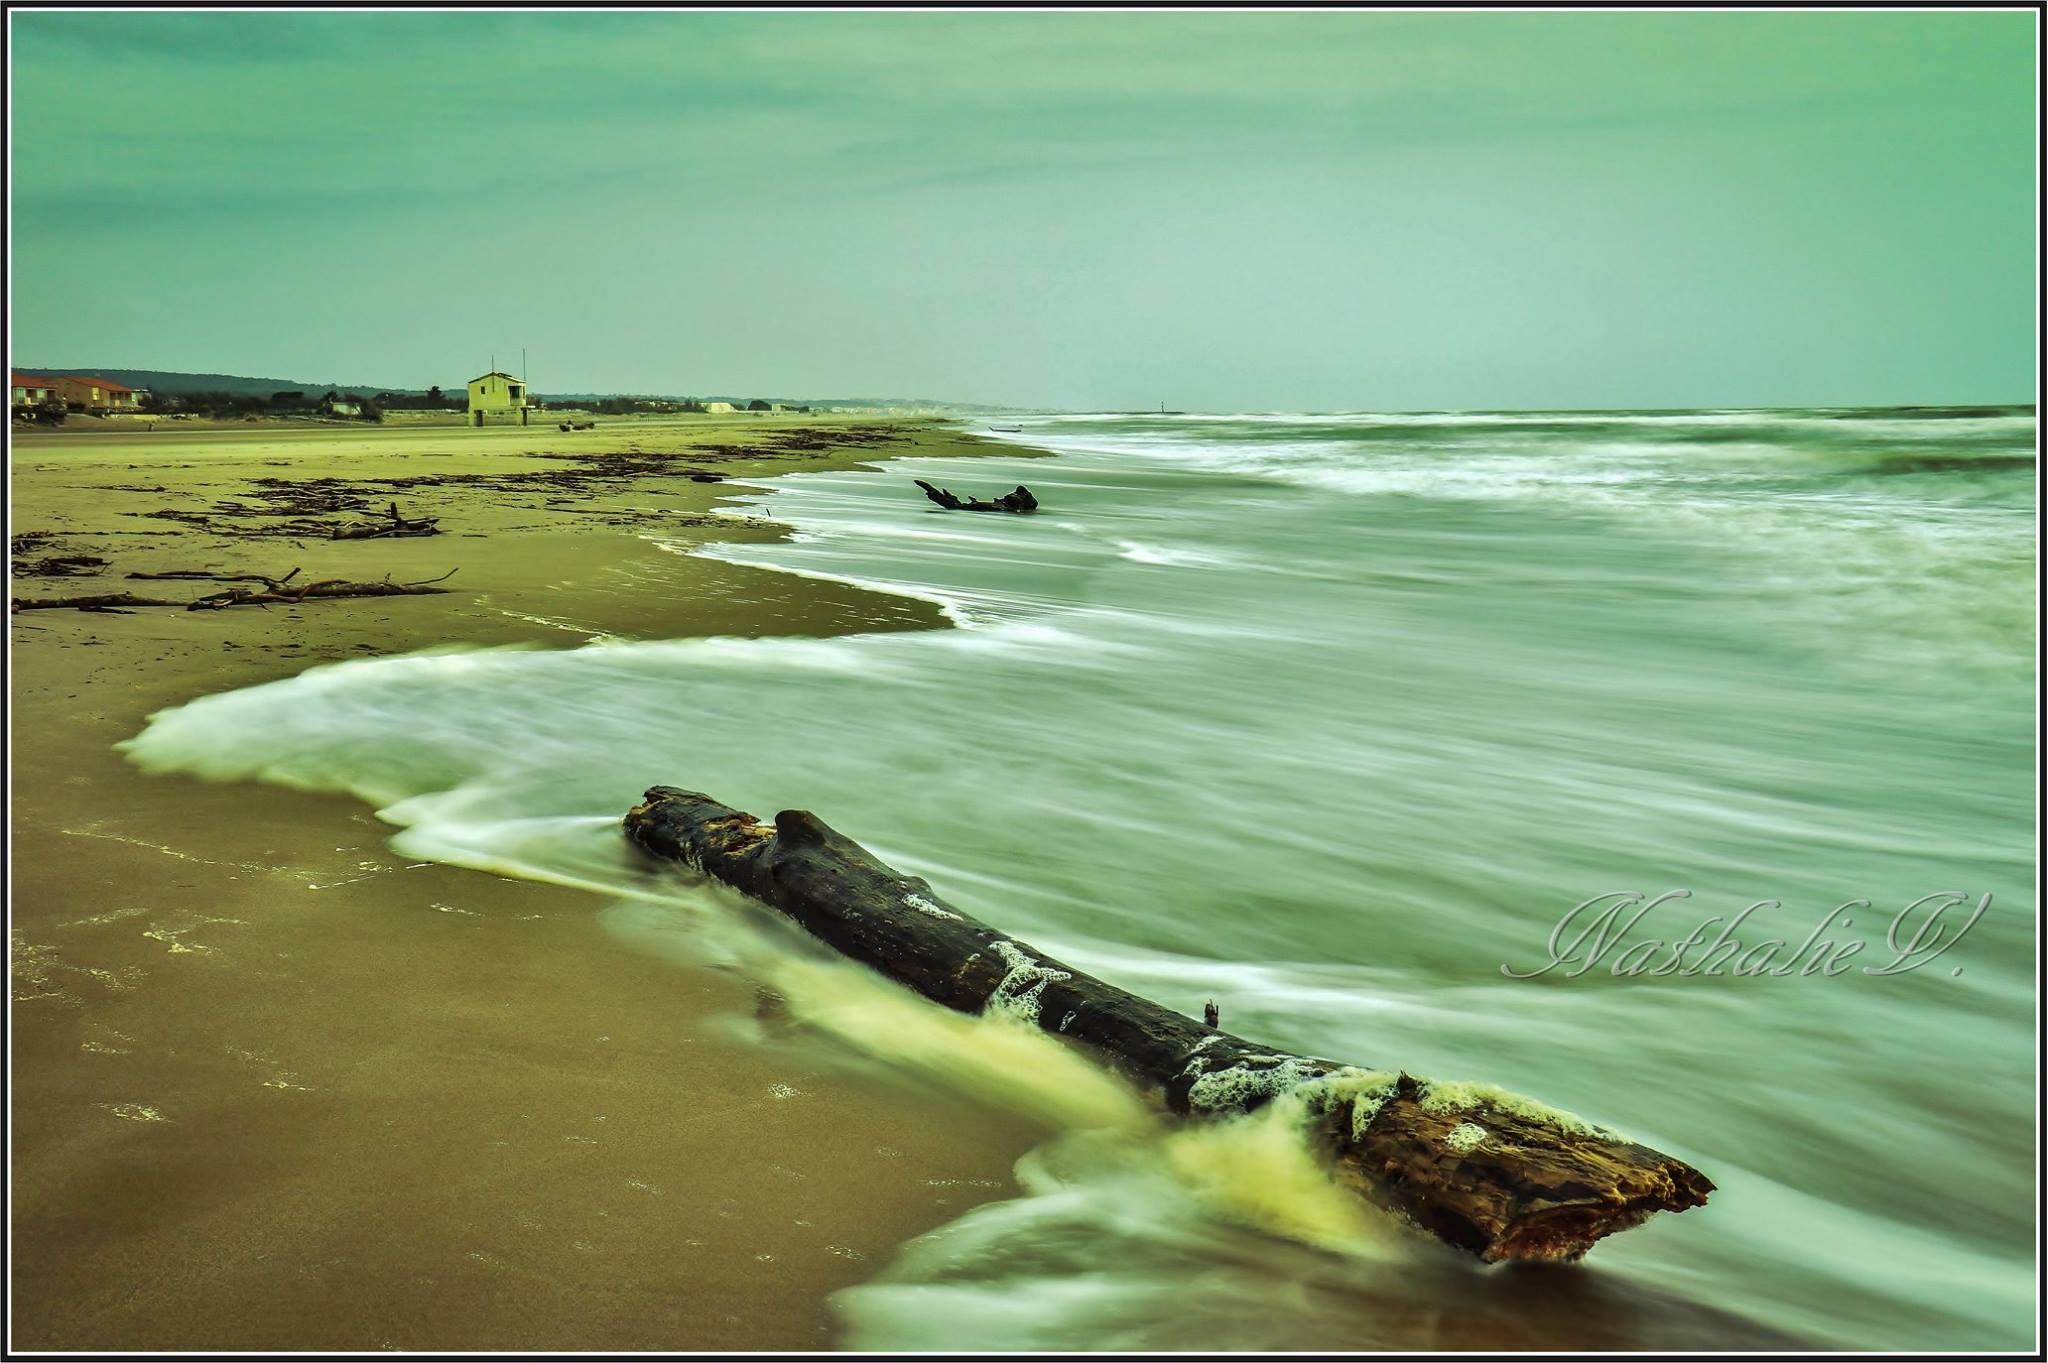 Plage des Ayguades par Nathalie La mer recouvre la plage